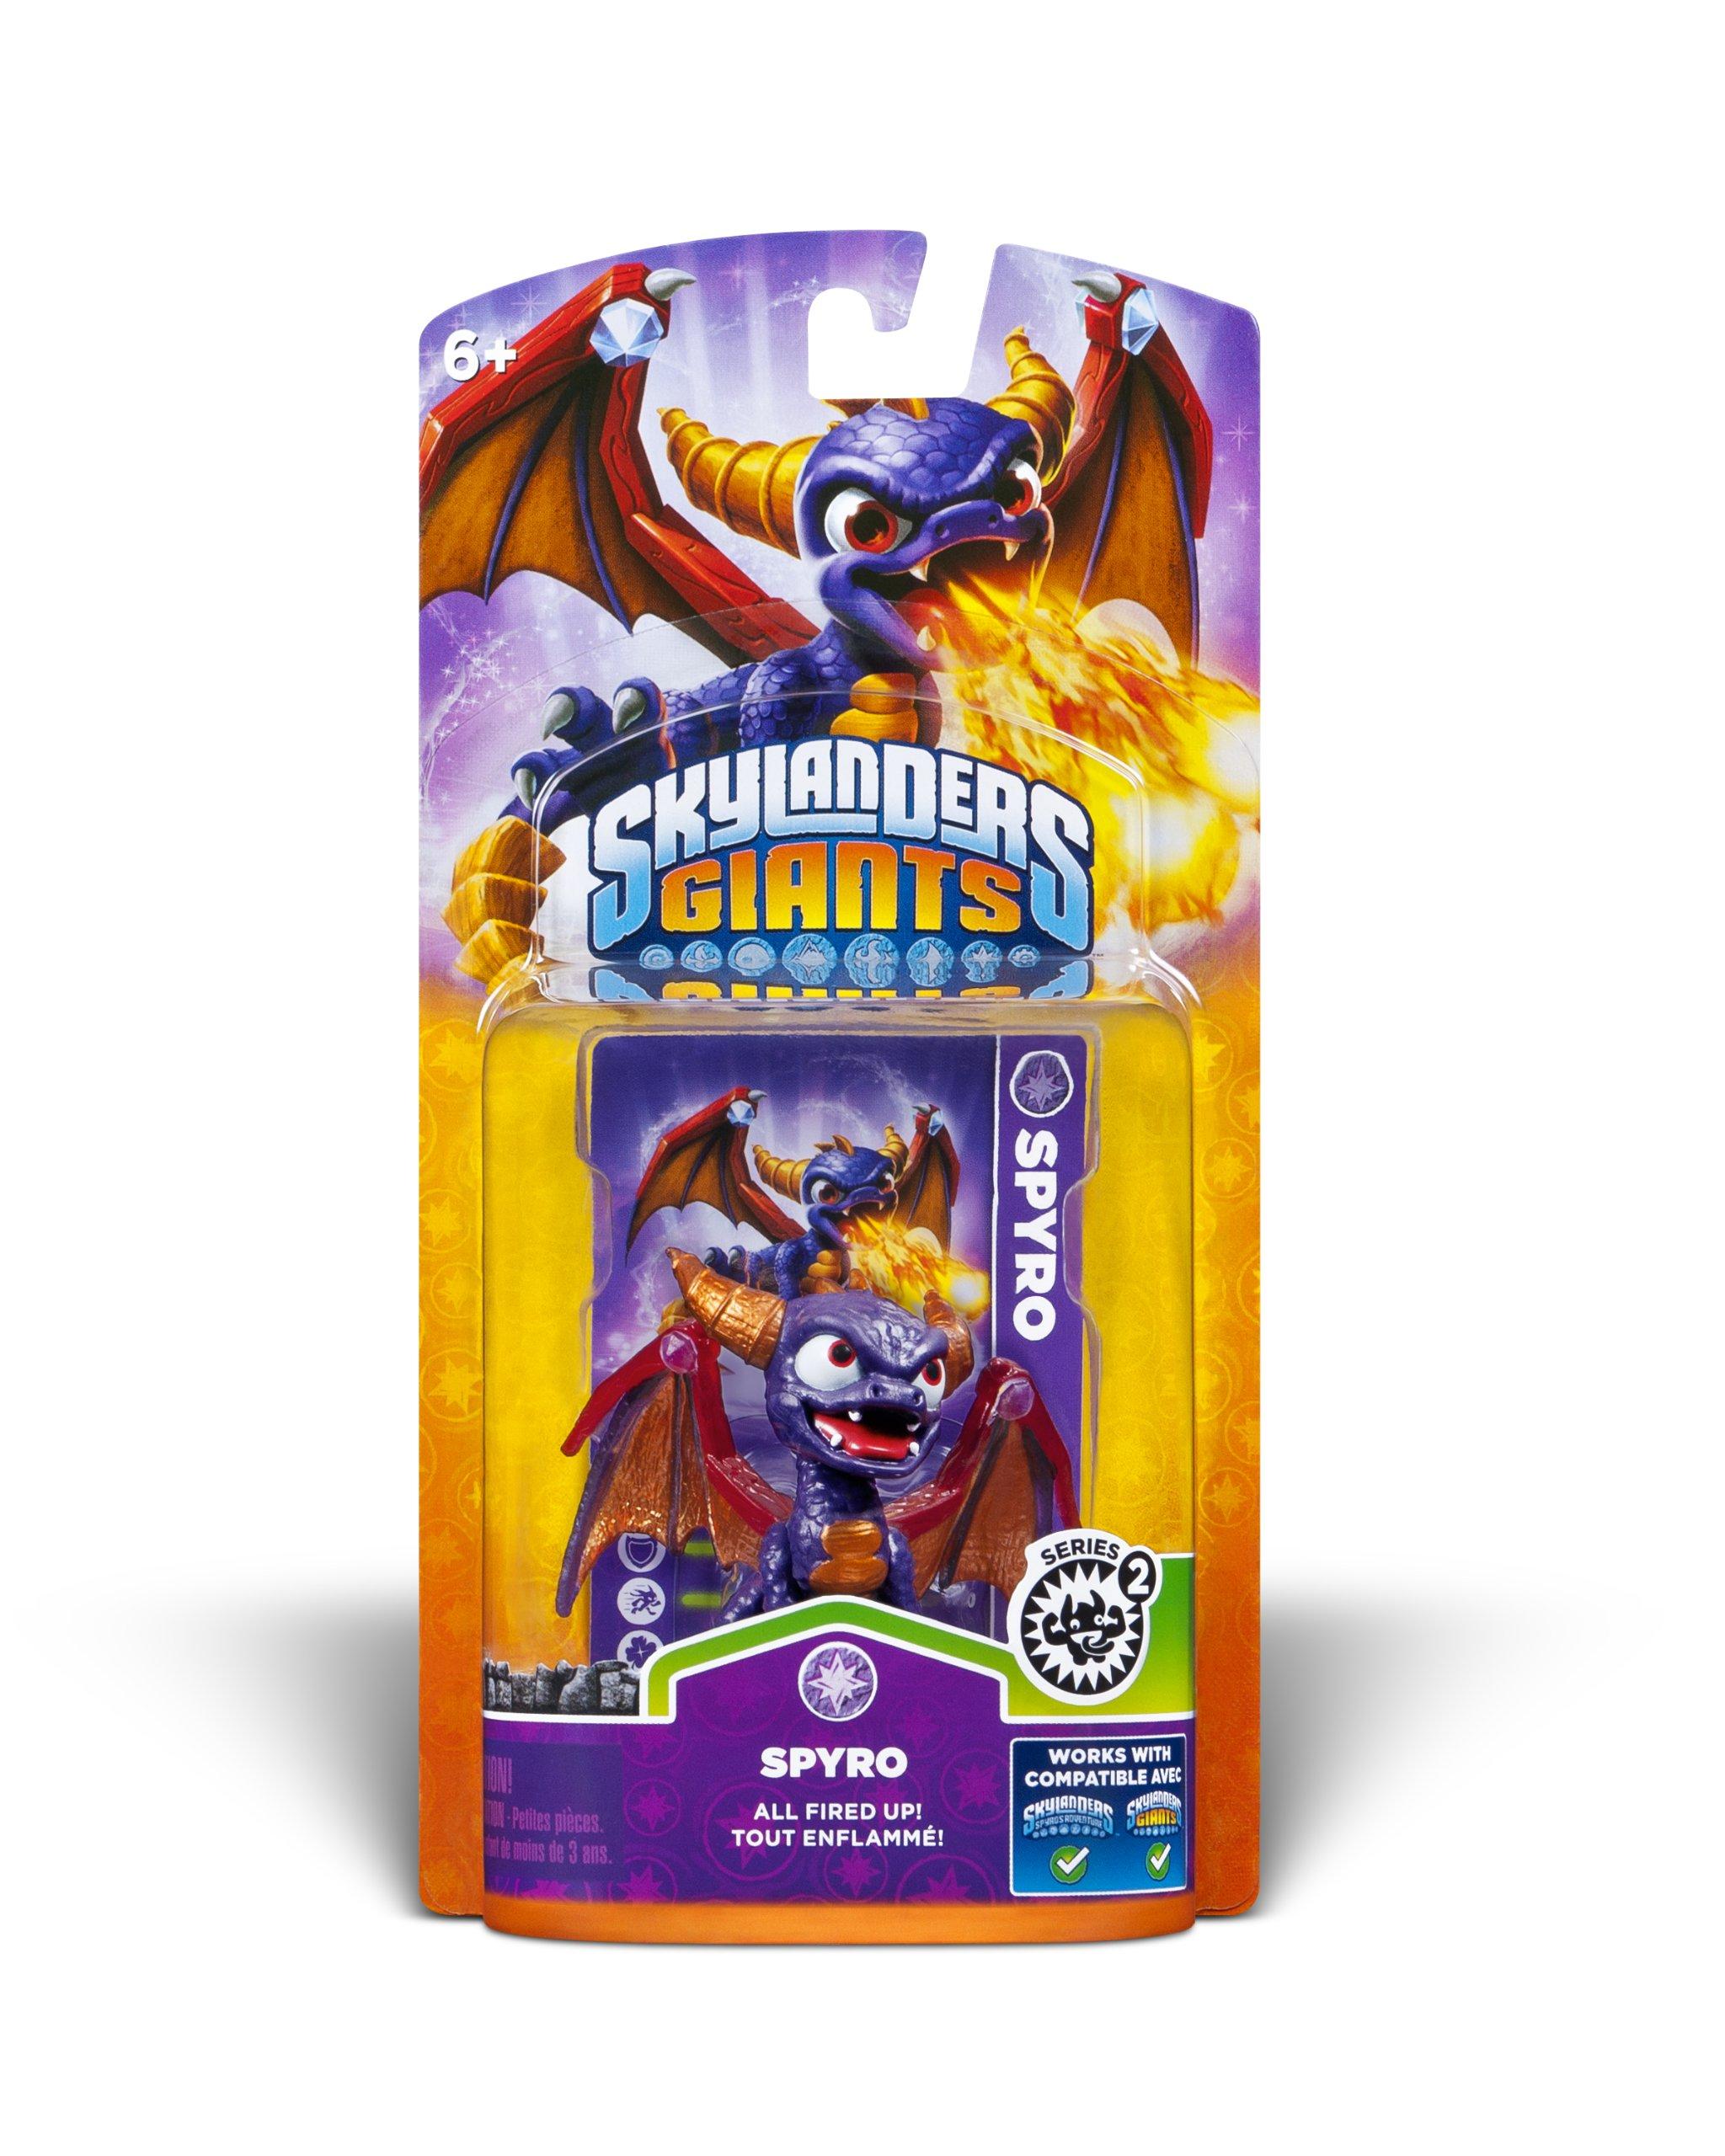 Skylanders Giants: Single Character Pack Core Series 2 Spyro